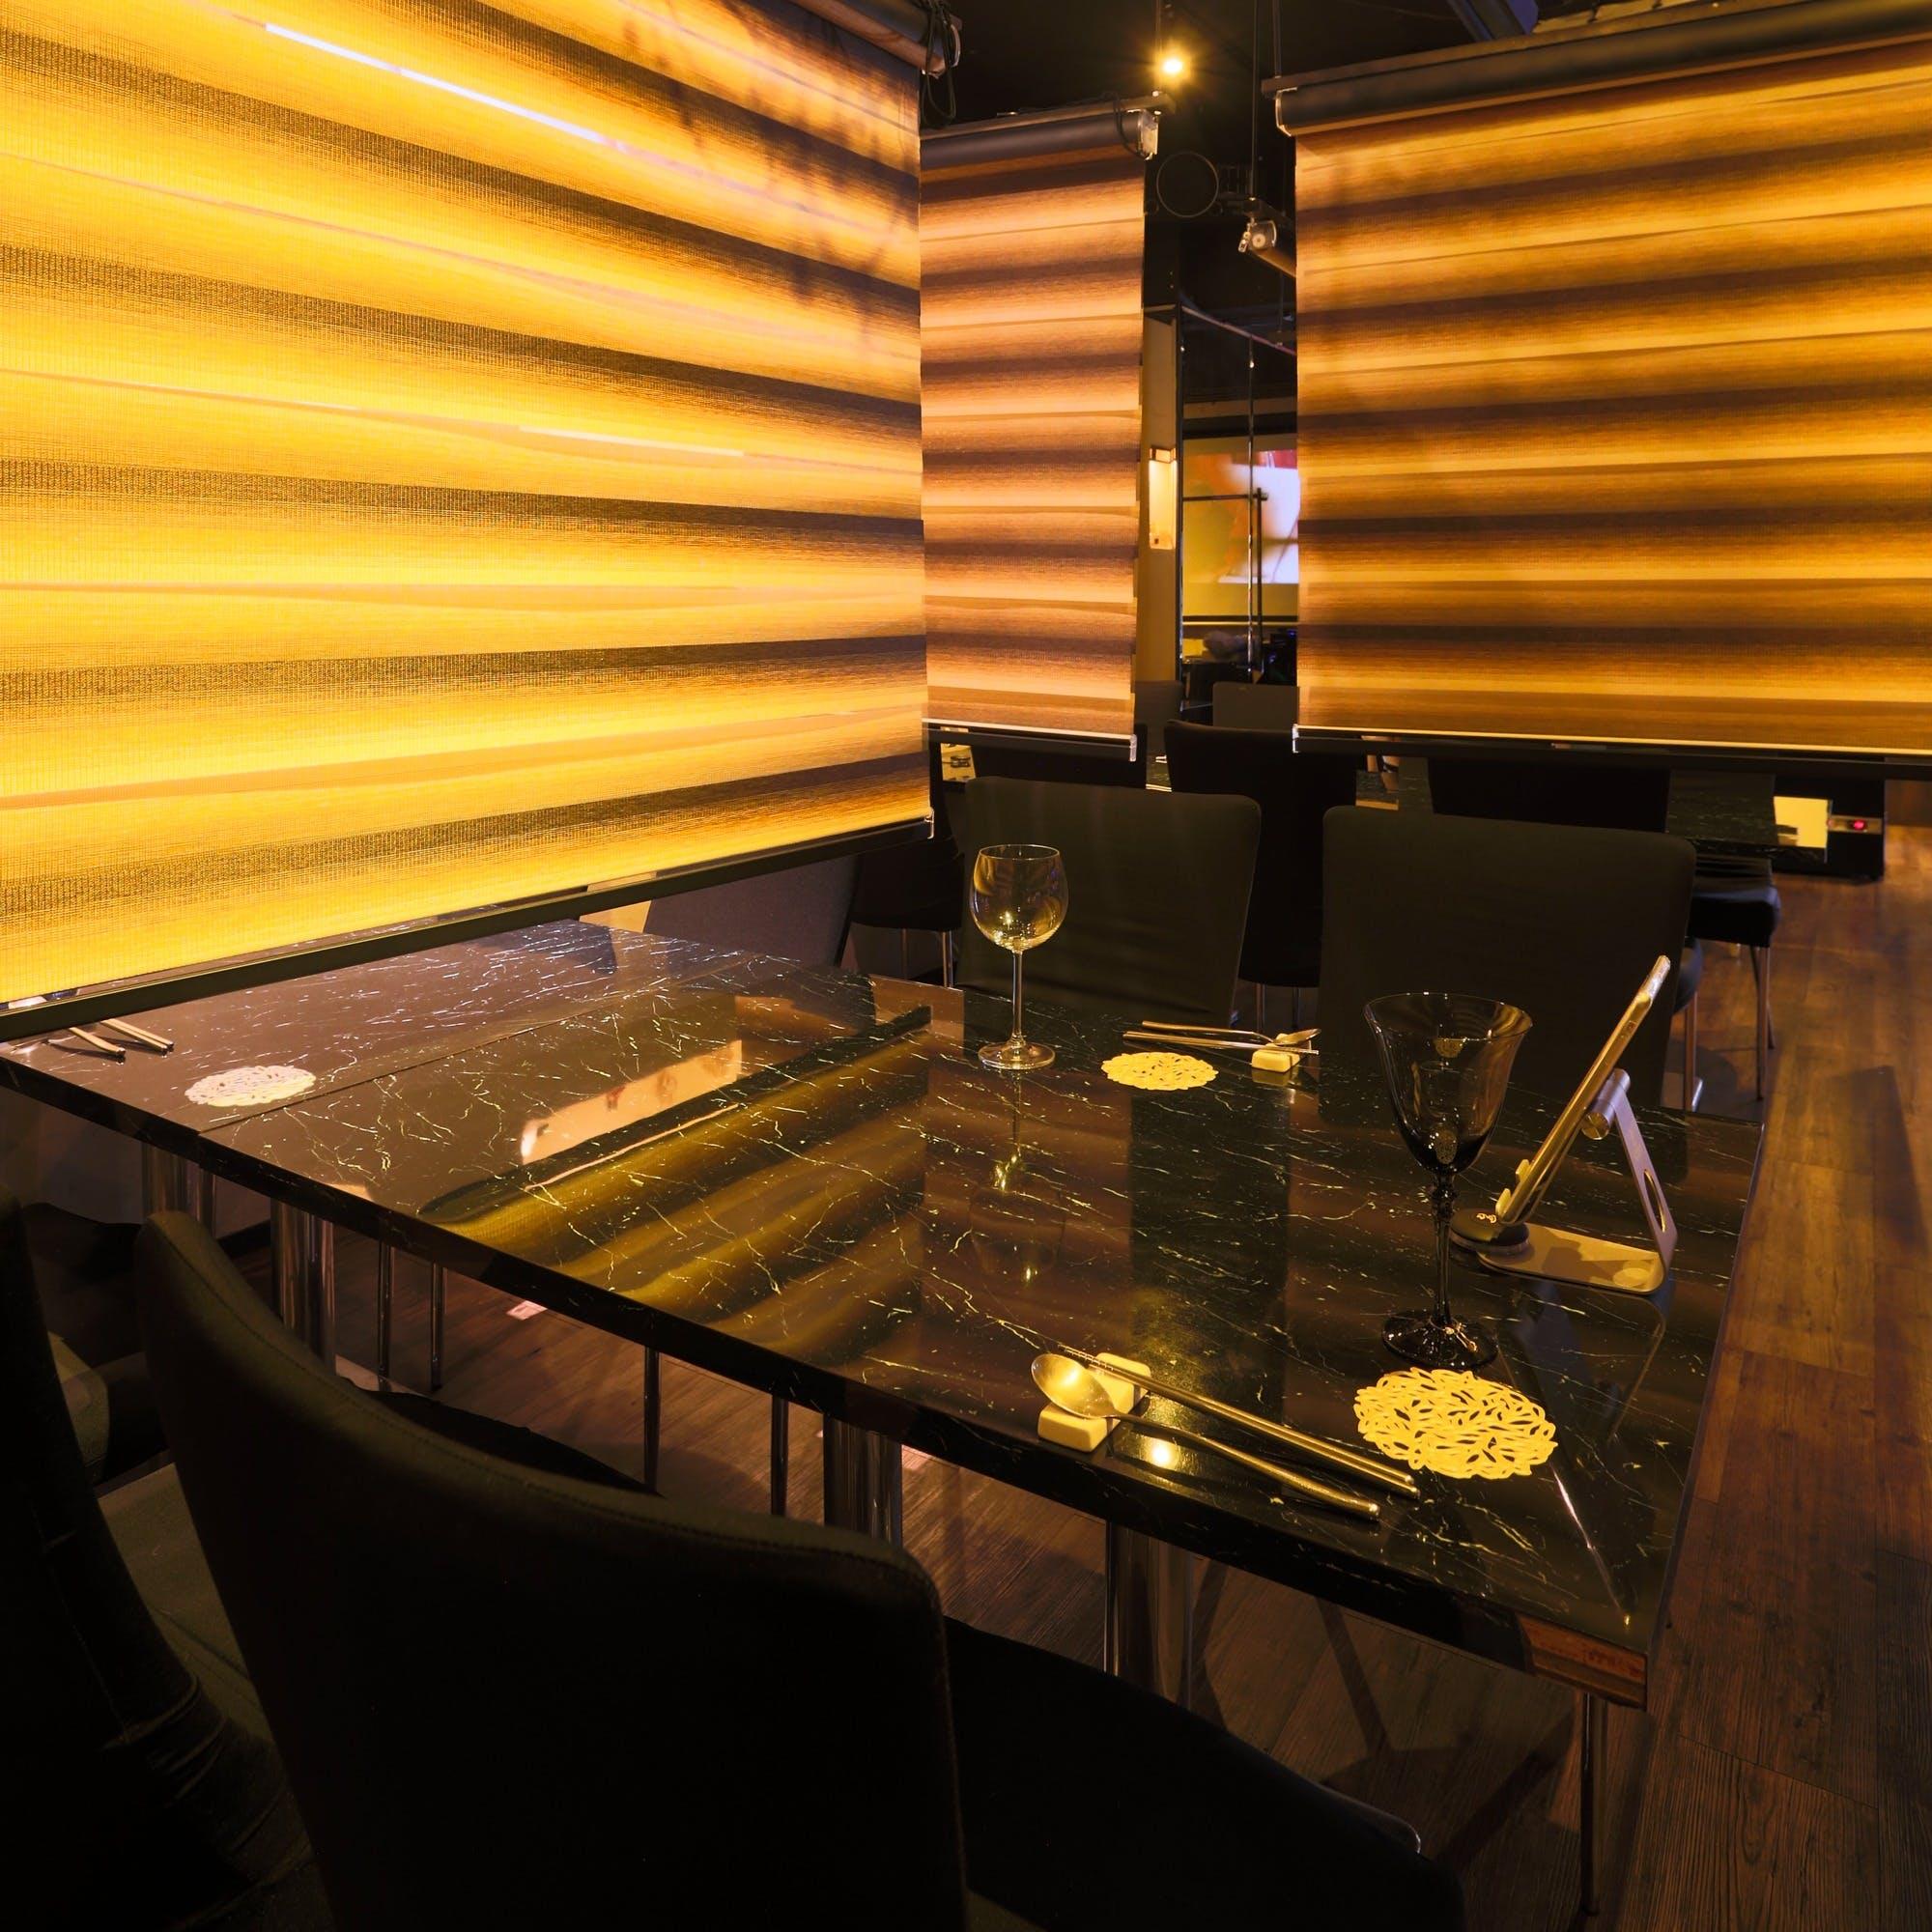 おしゃれでスタイリッシュな空間で本格的韓国料理をご堪能ください